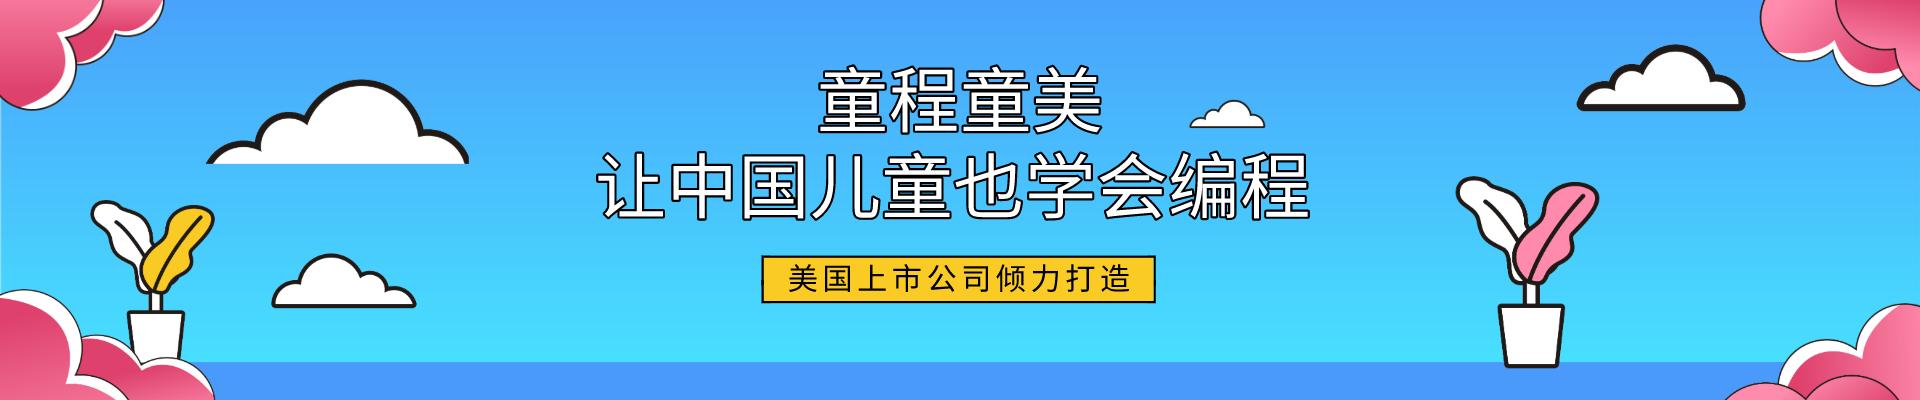 天津和平君悦童程童美少儿编程培训